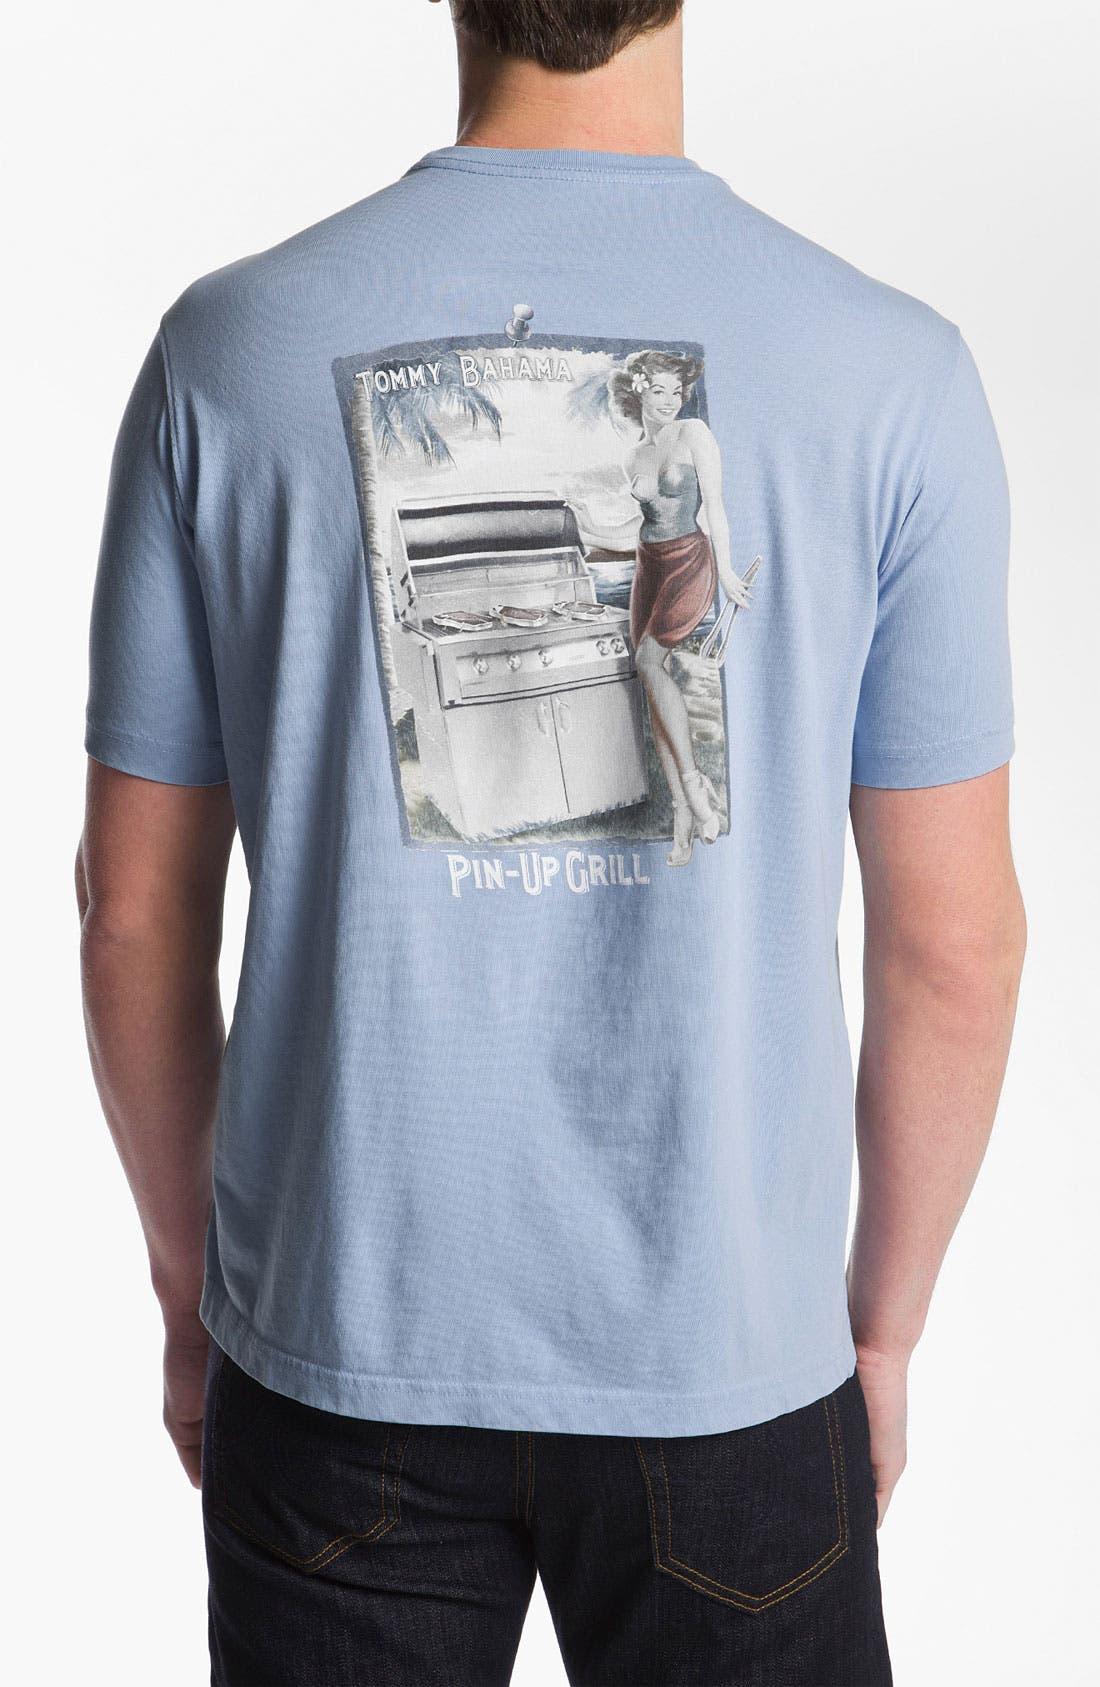 Main Image - Tommy Bahama 'Pin-Up Grill' T-Shirt